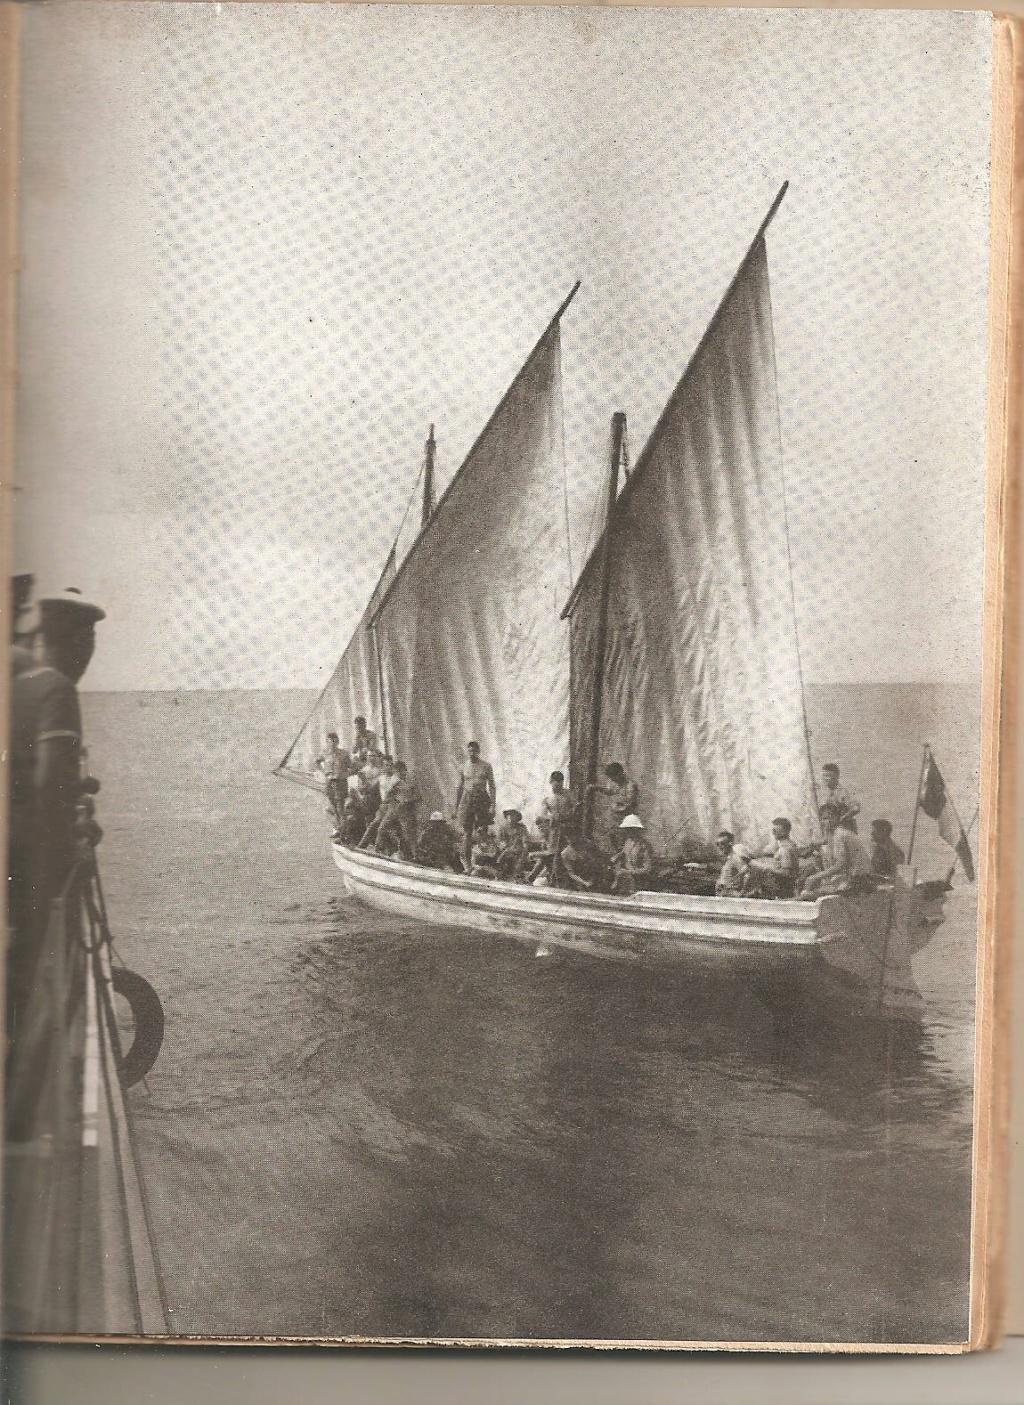 CROISEUR ÉCOLE JEANNE D'ARC - Page 15 Jeanne20